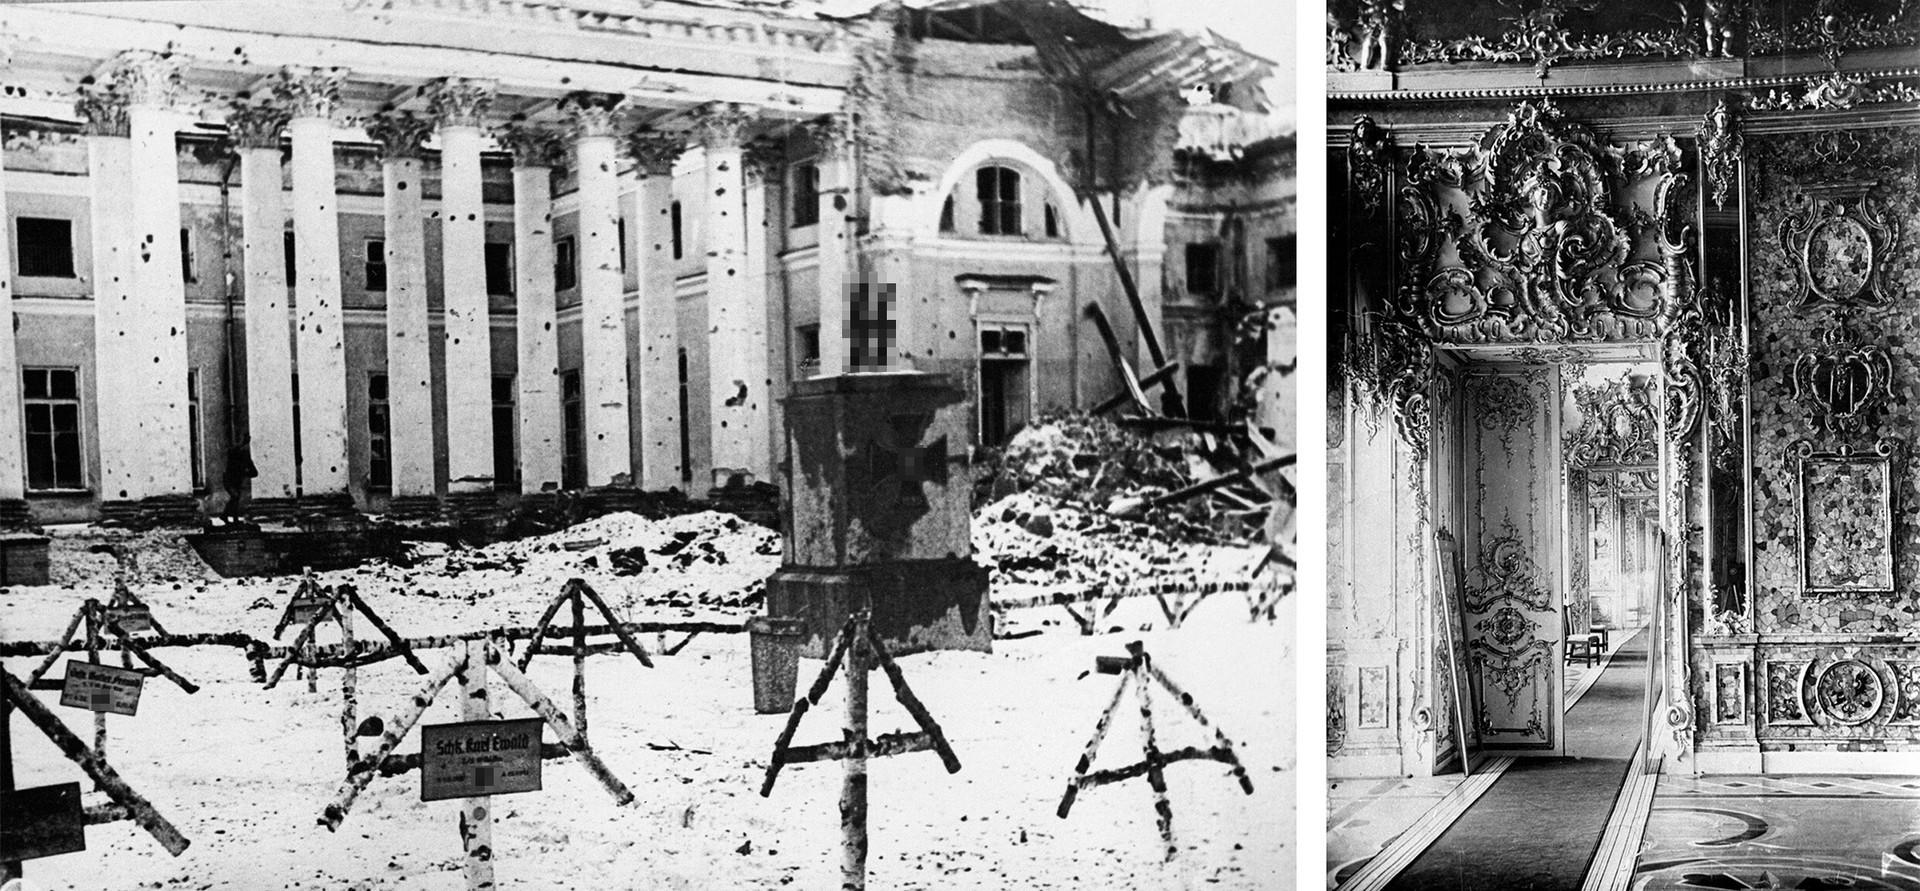 (вляво) Александровският дворец в Царско село, близо до Ленинград (сега Санкт Петербург) след освобождението на града от съветските войски; (вдясно) Жълтата стая на Екатрининския дворец преди Втората световна война